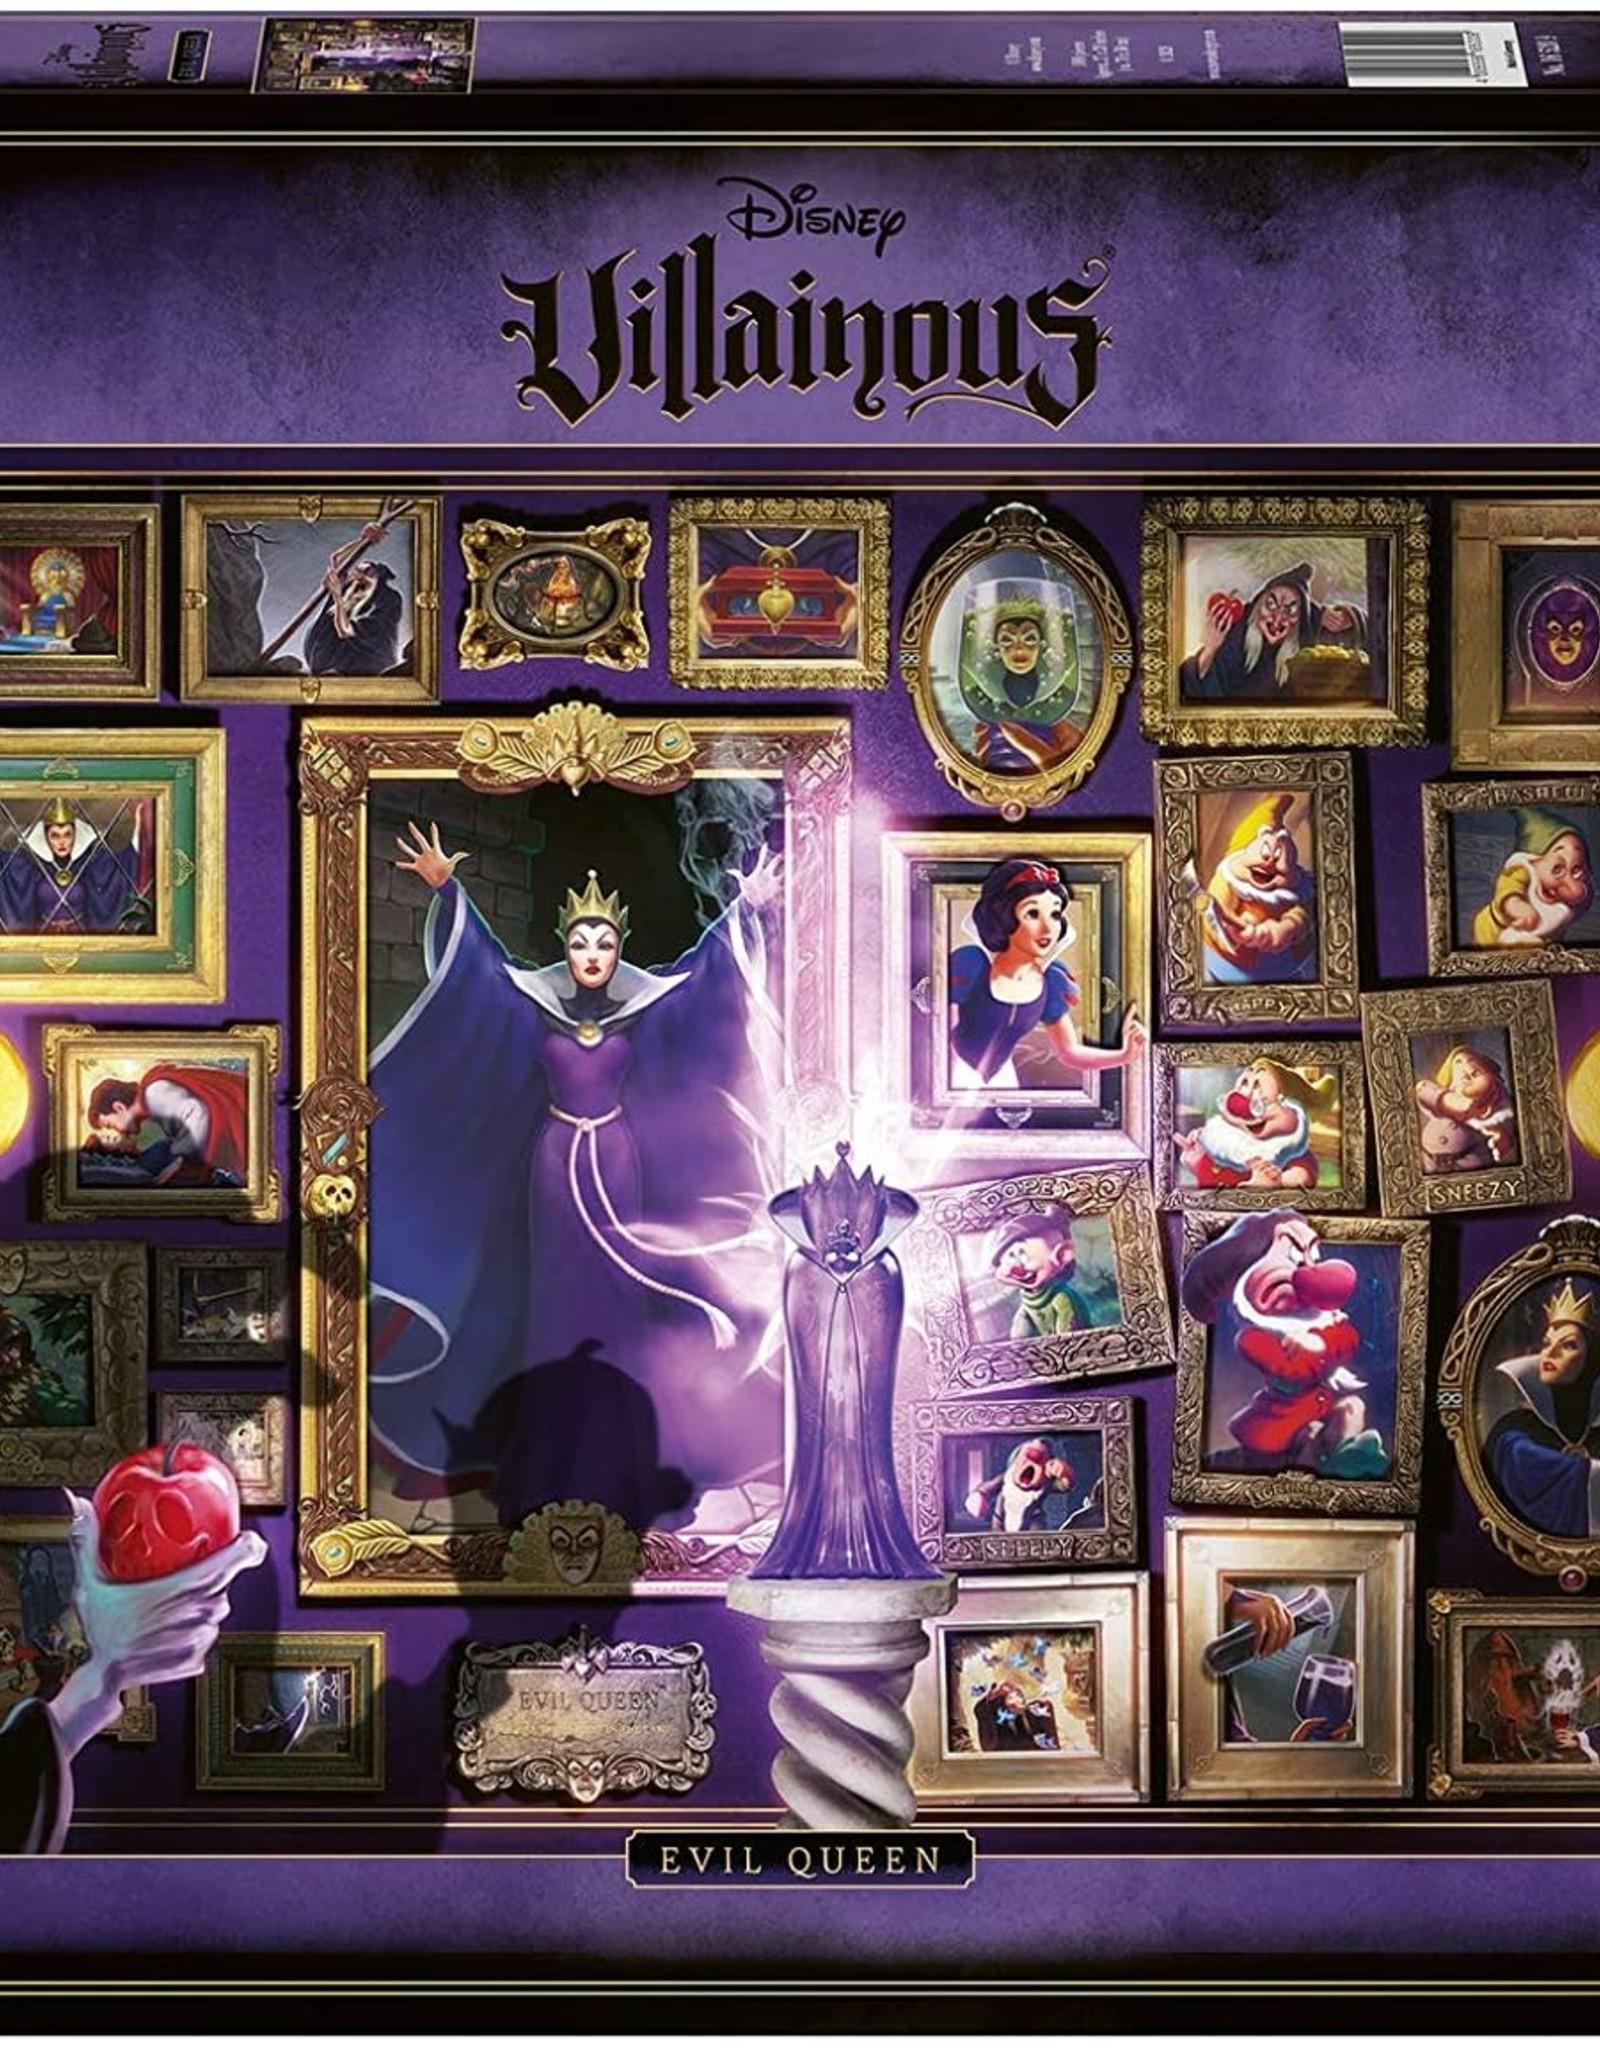 Ravensburger 1000pc Villainous Evil Queen